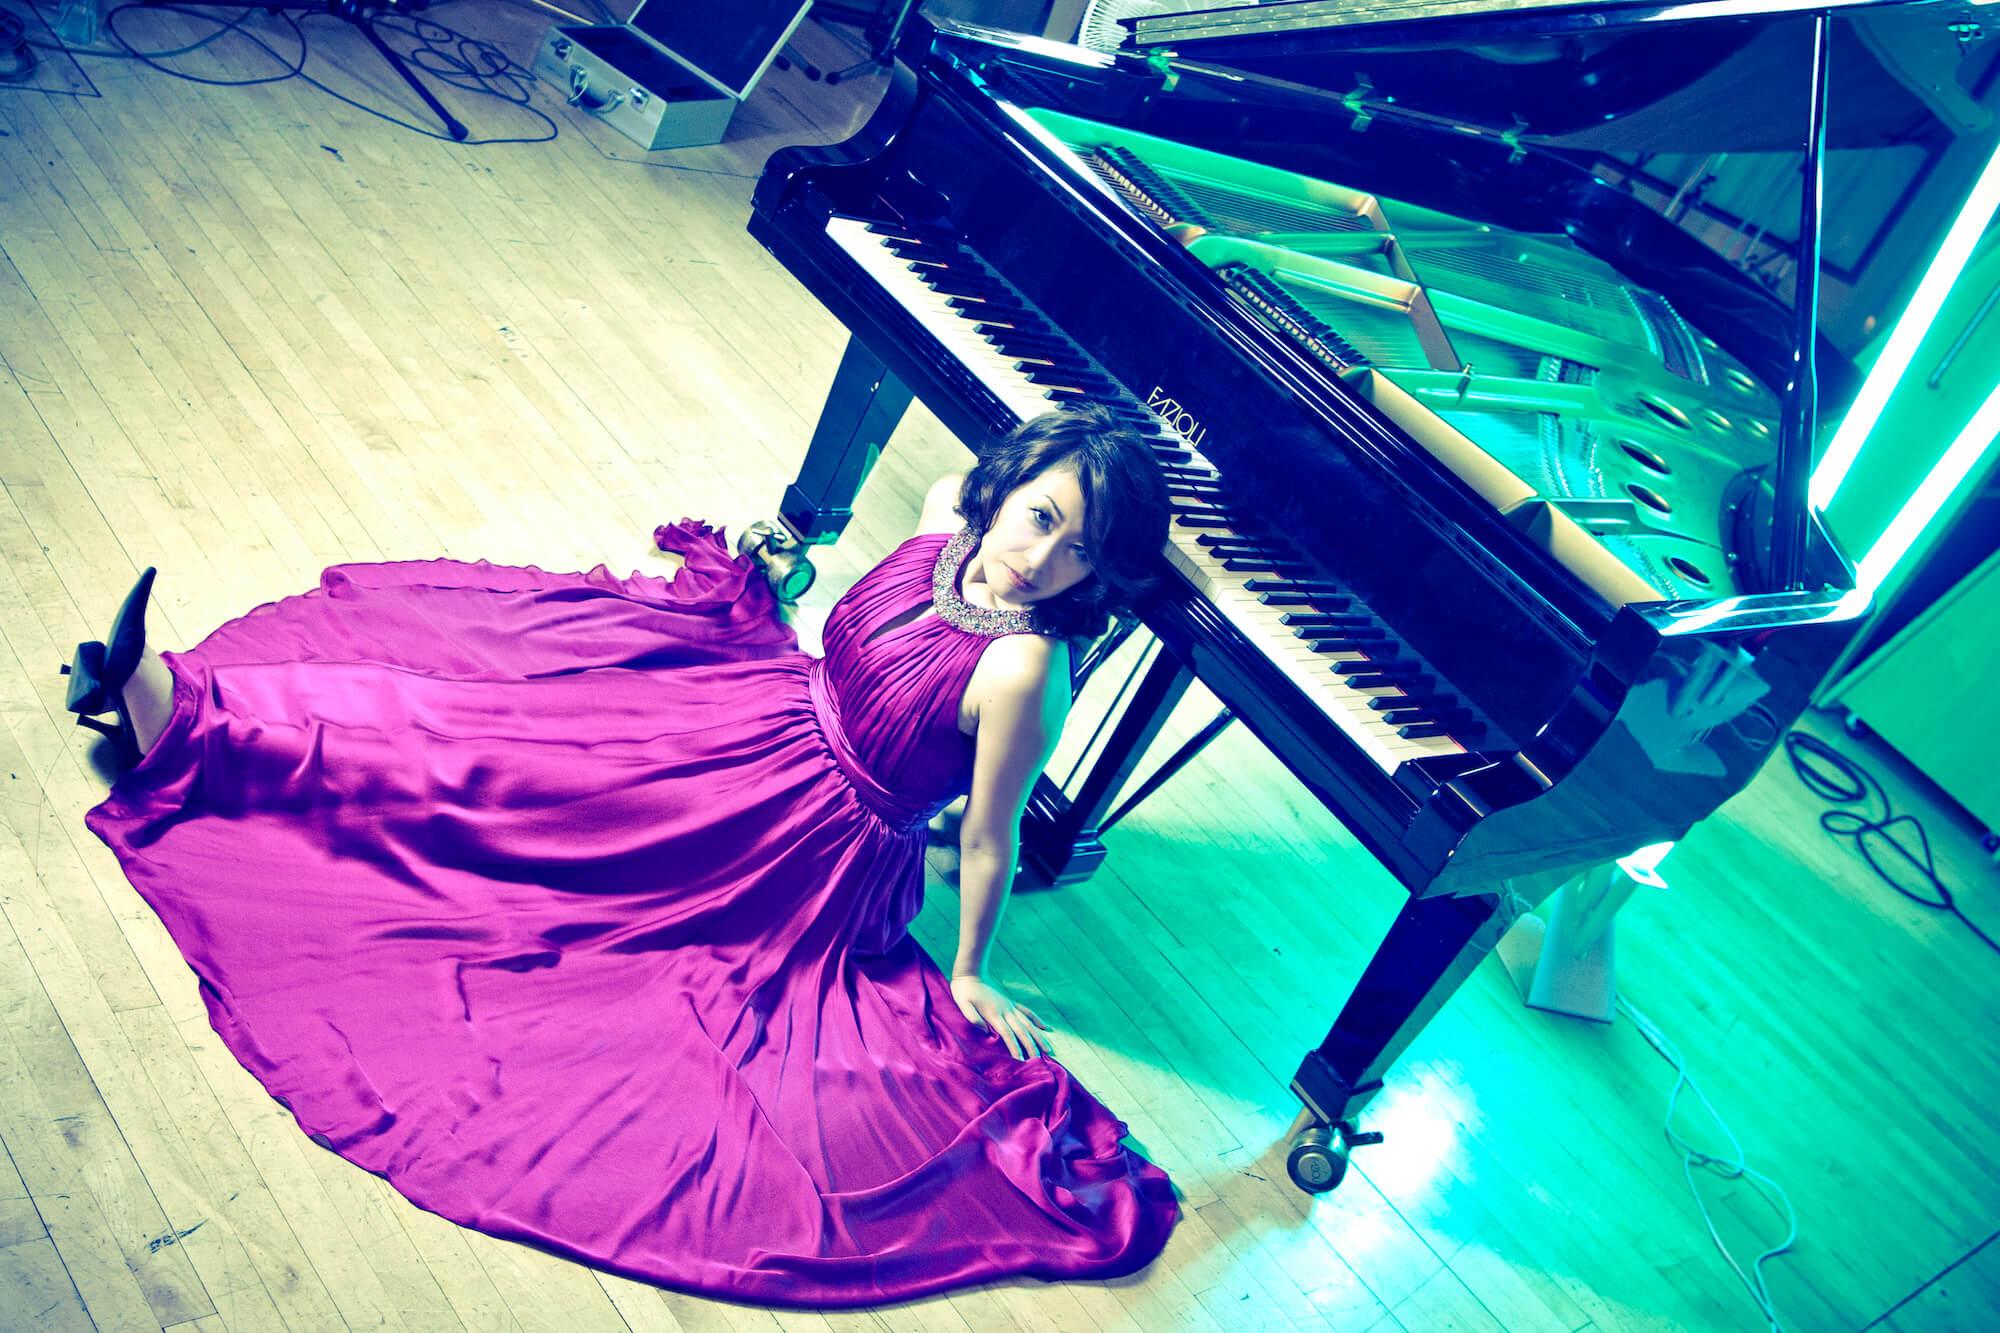 Waka Hasagawa pianist London